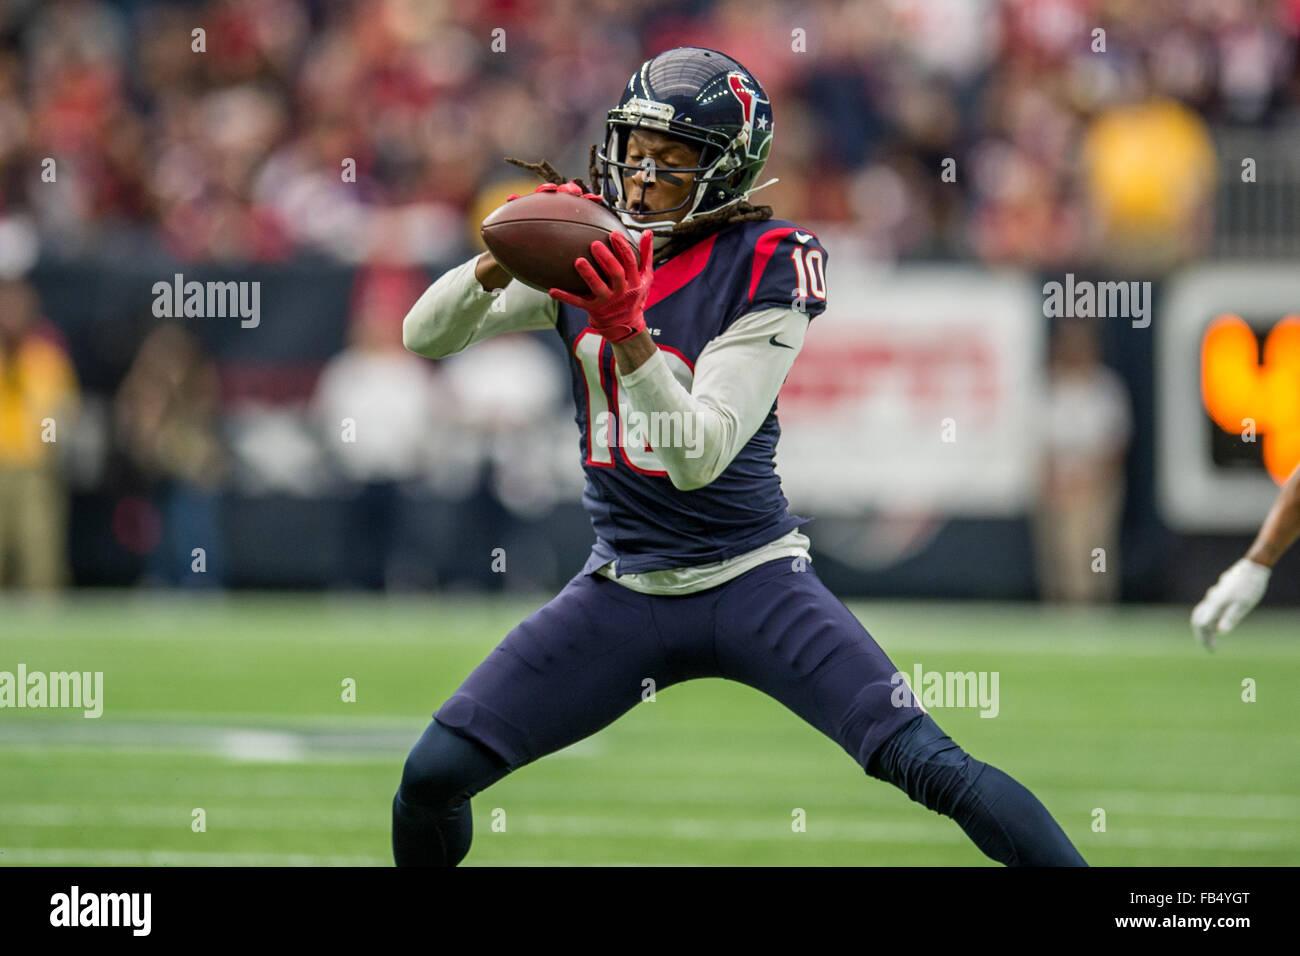 Houston Texas USA 9th Jan 2016 Houston Texans wide receiver